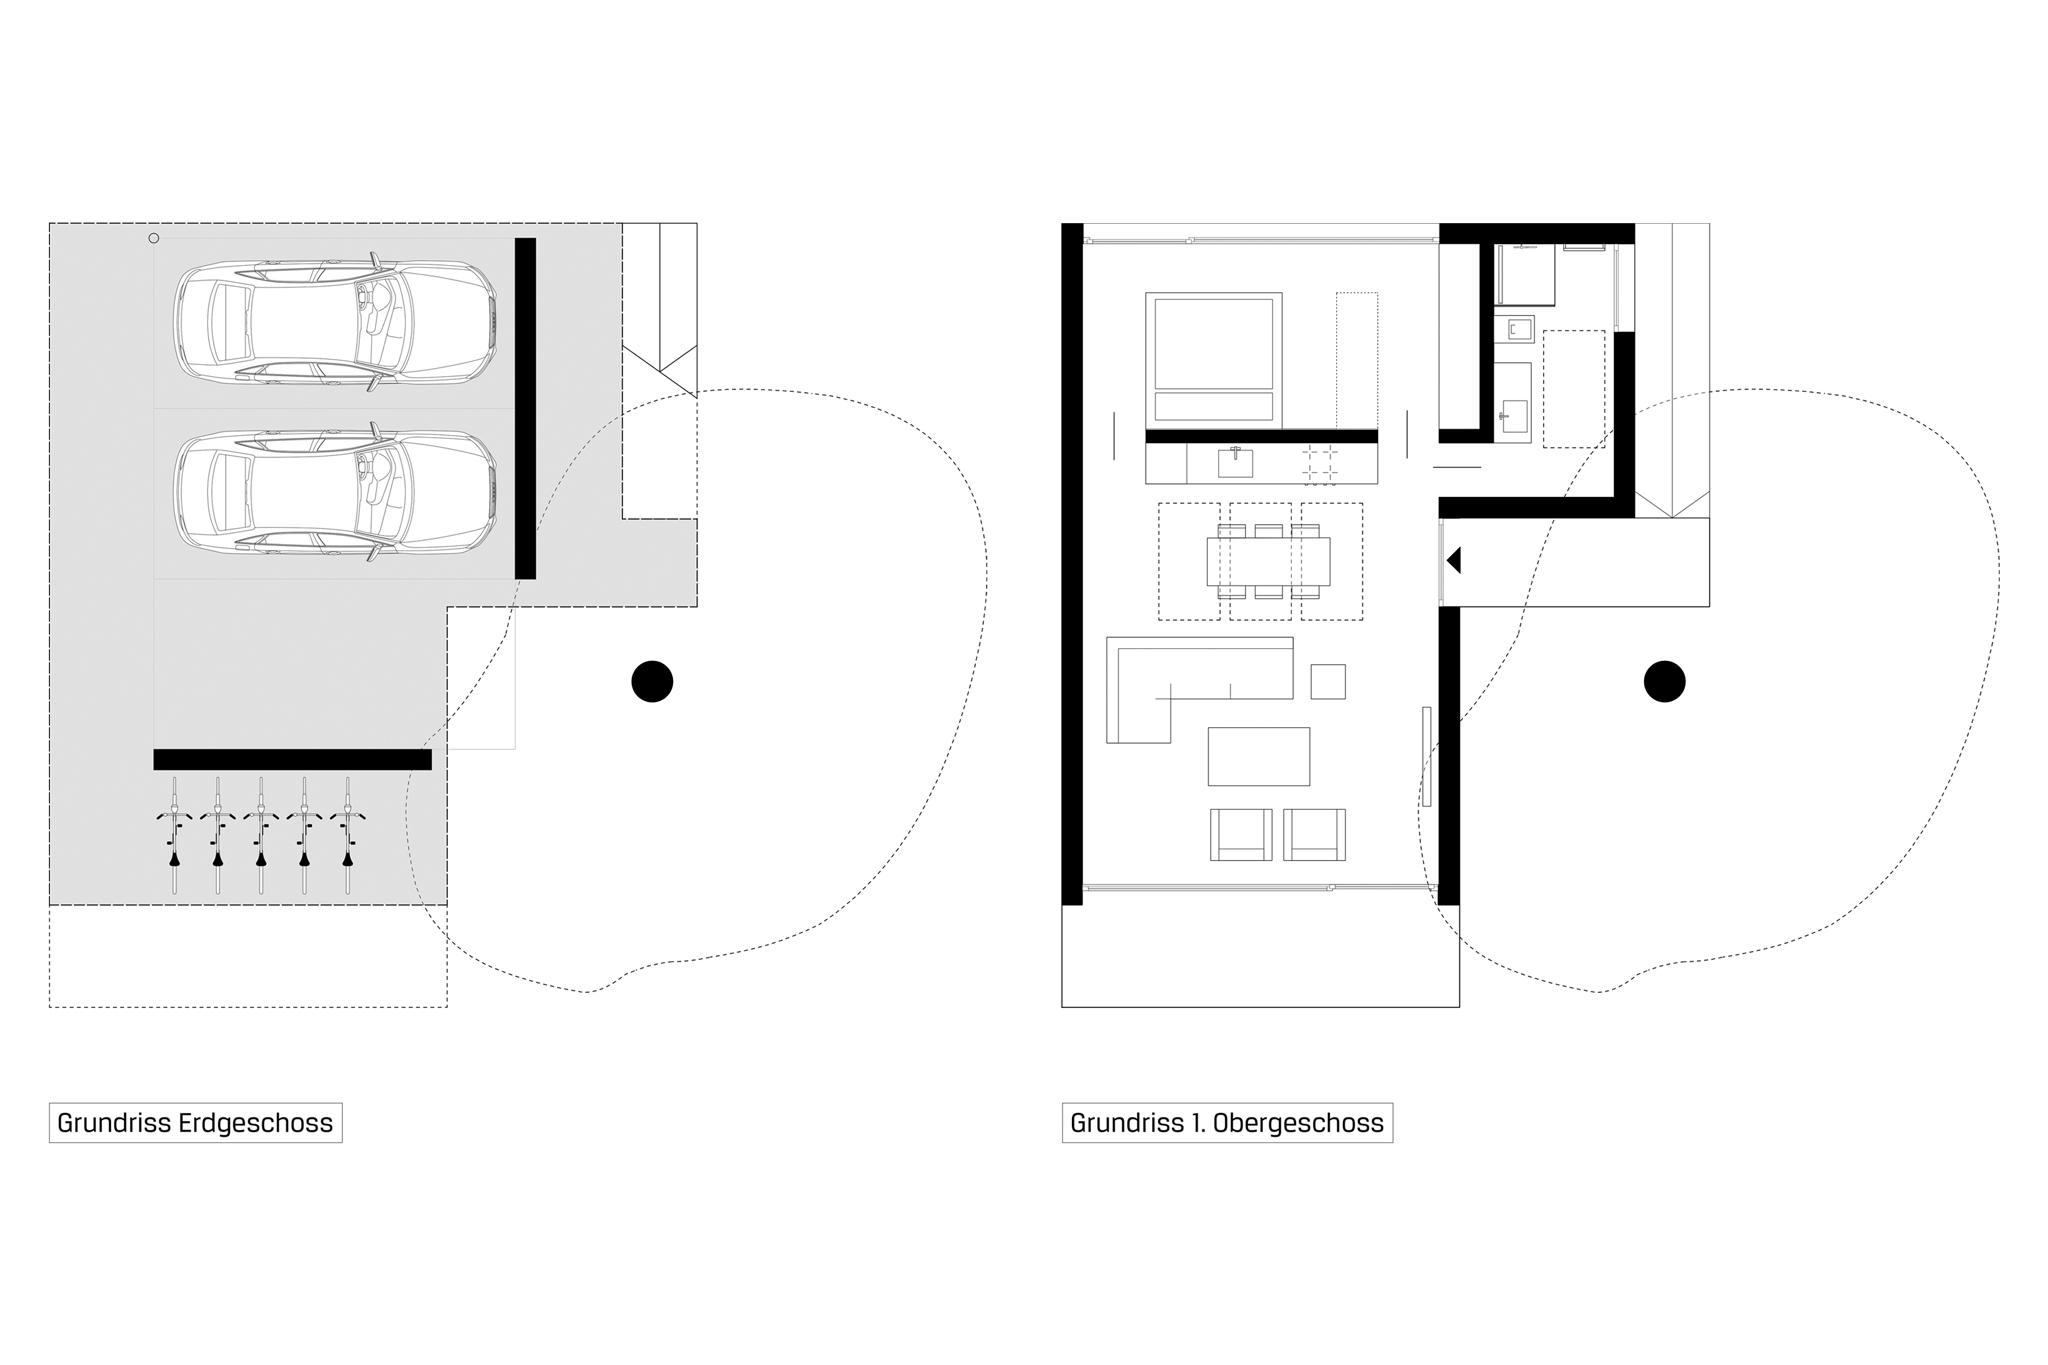 Sarger Architekten: Neuerrichtung eines Ateliers / Studios in München, Pasing